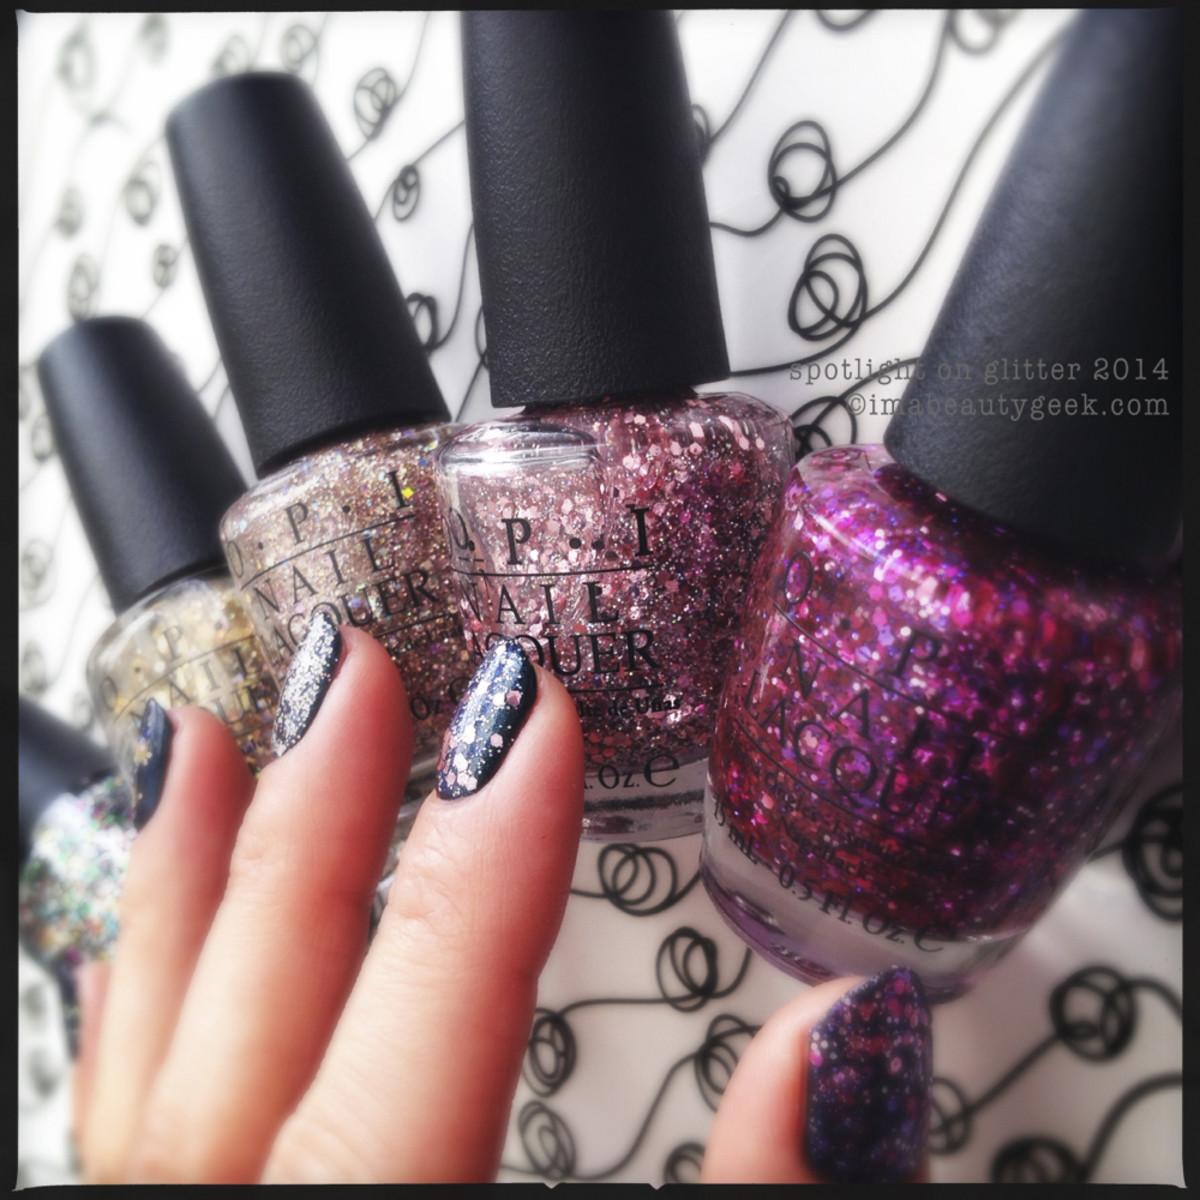 OPI Spotlight on Glitter_1  OPI Glitter